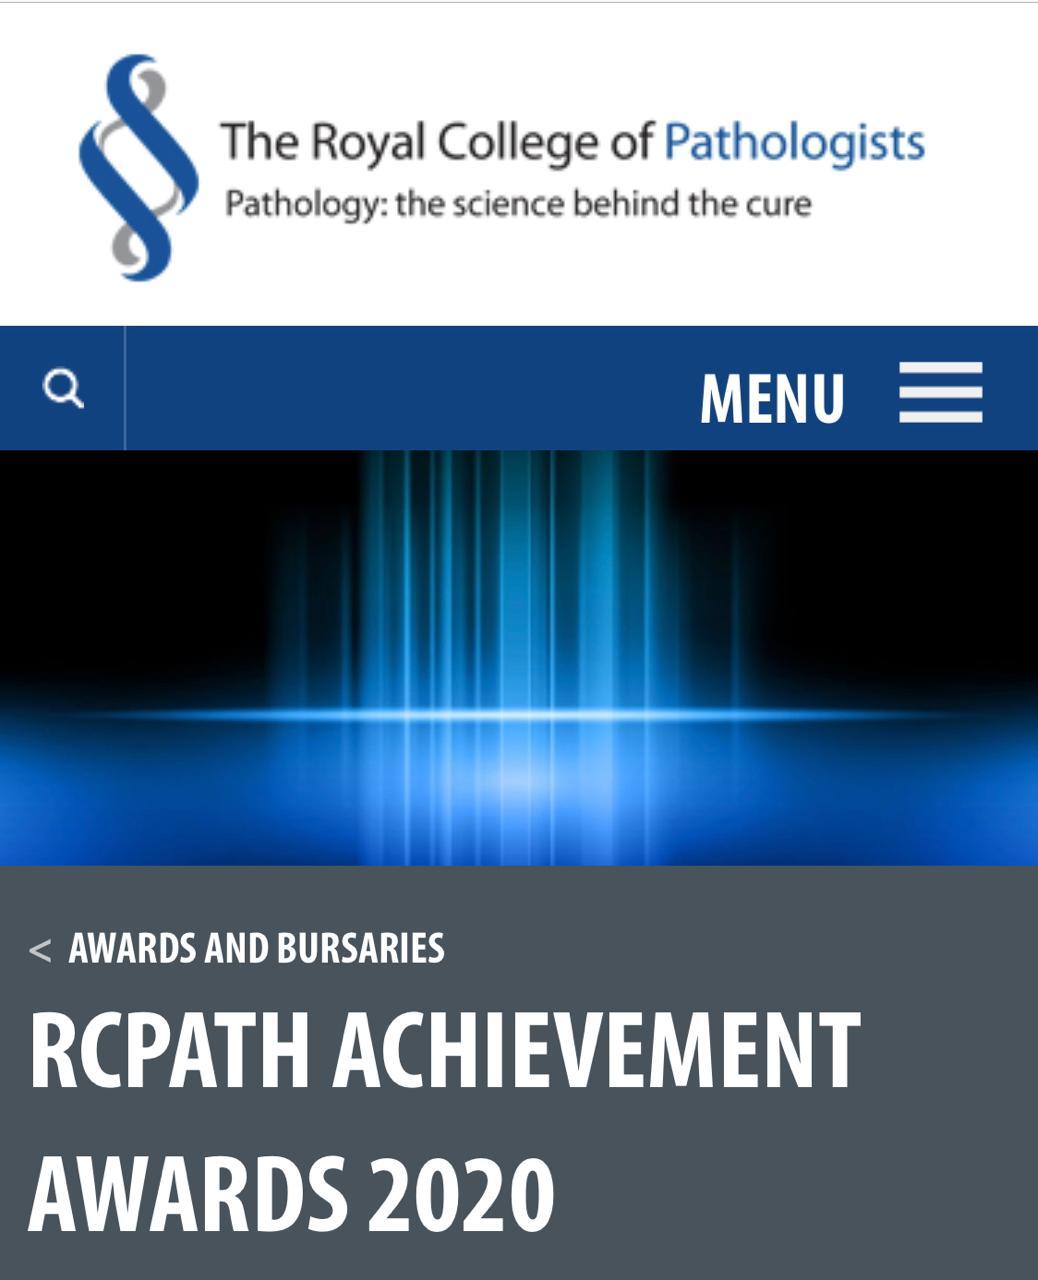 الملكية البريطانية لعلم الأمراض تمنح الدكتور اسماعيل مطالقة جائزة الإنجاز والتميز لعام 2020